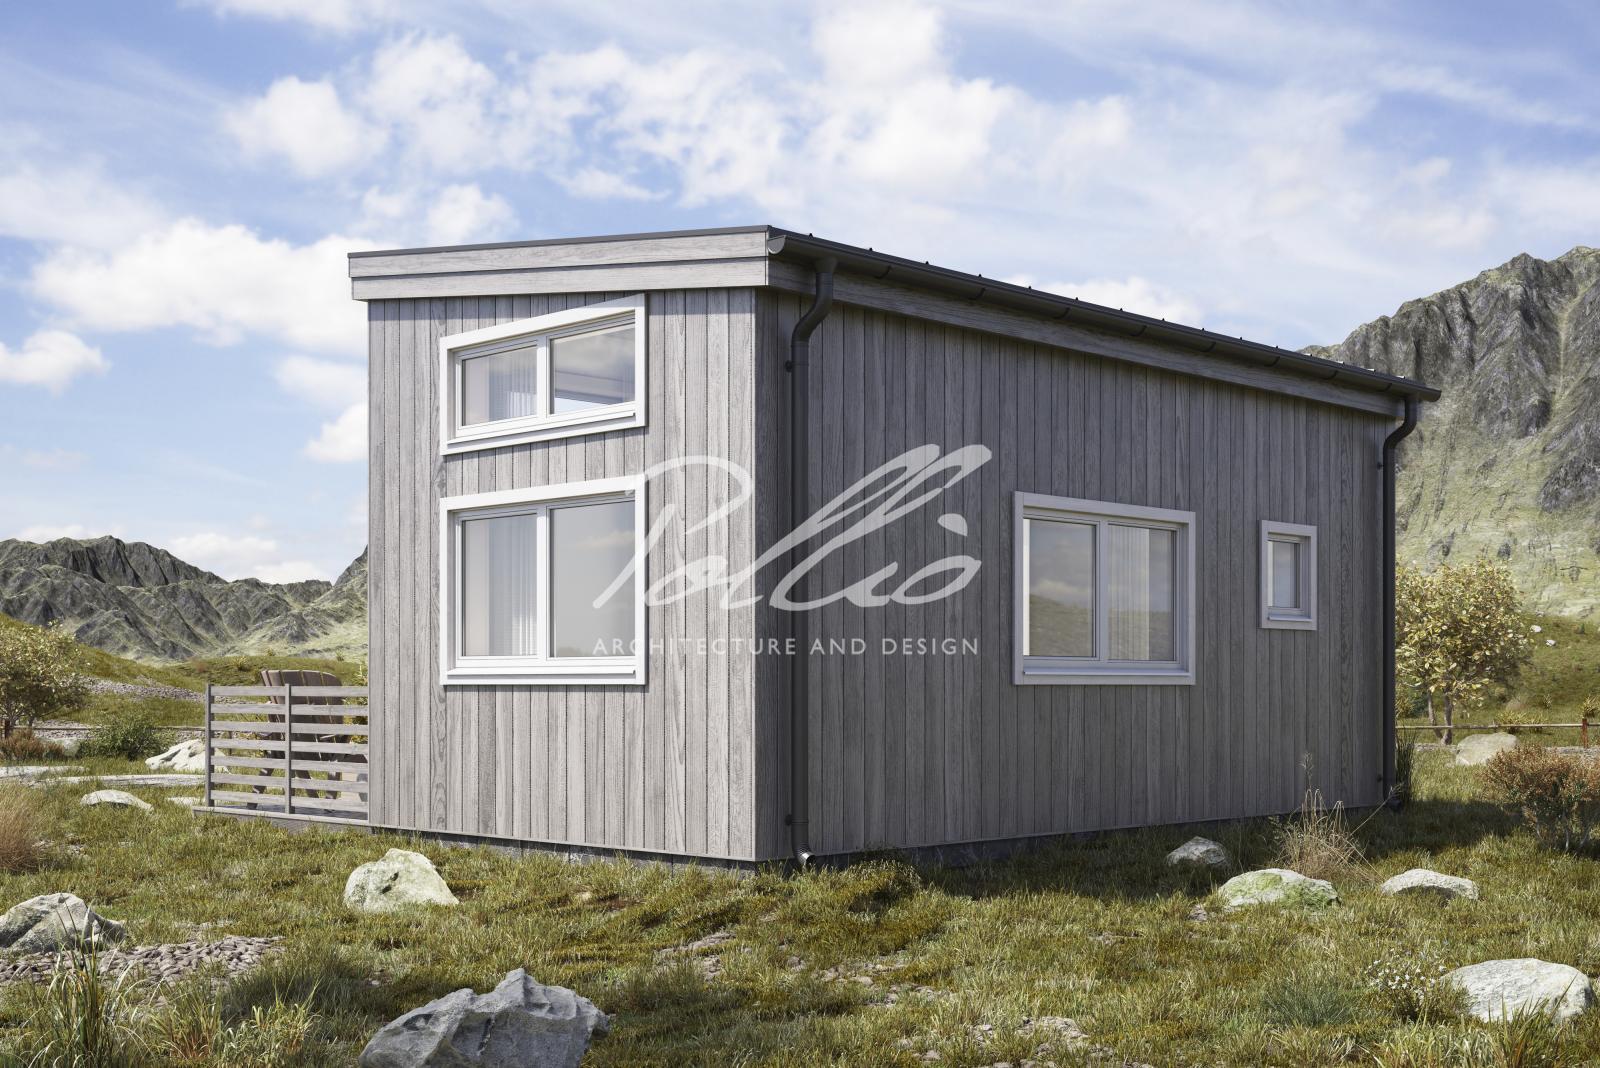 X26 Проект модульного дома фото 2